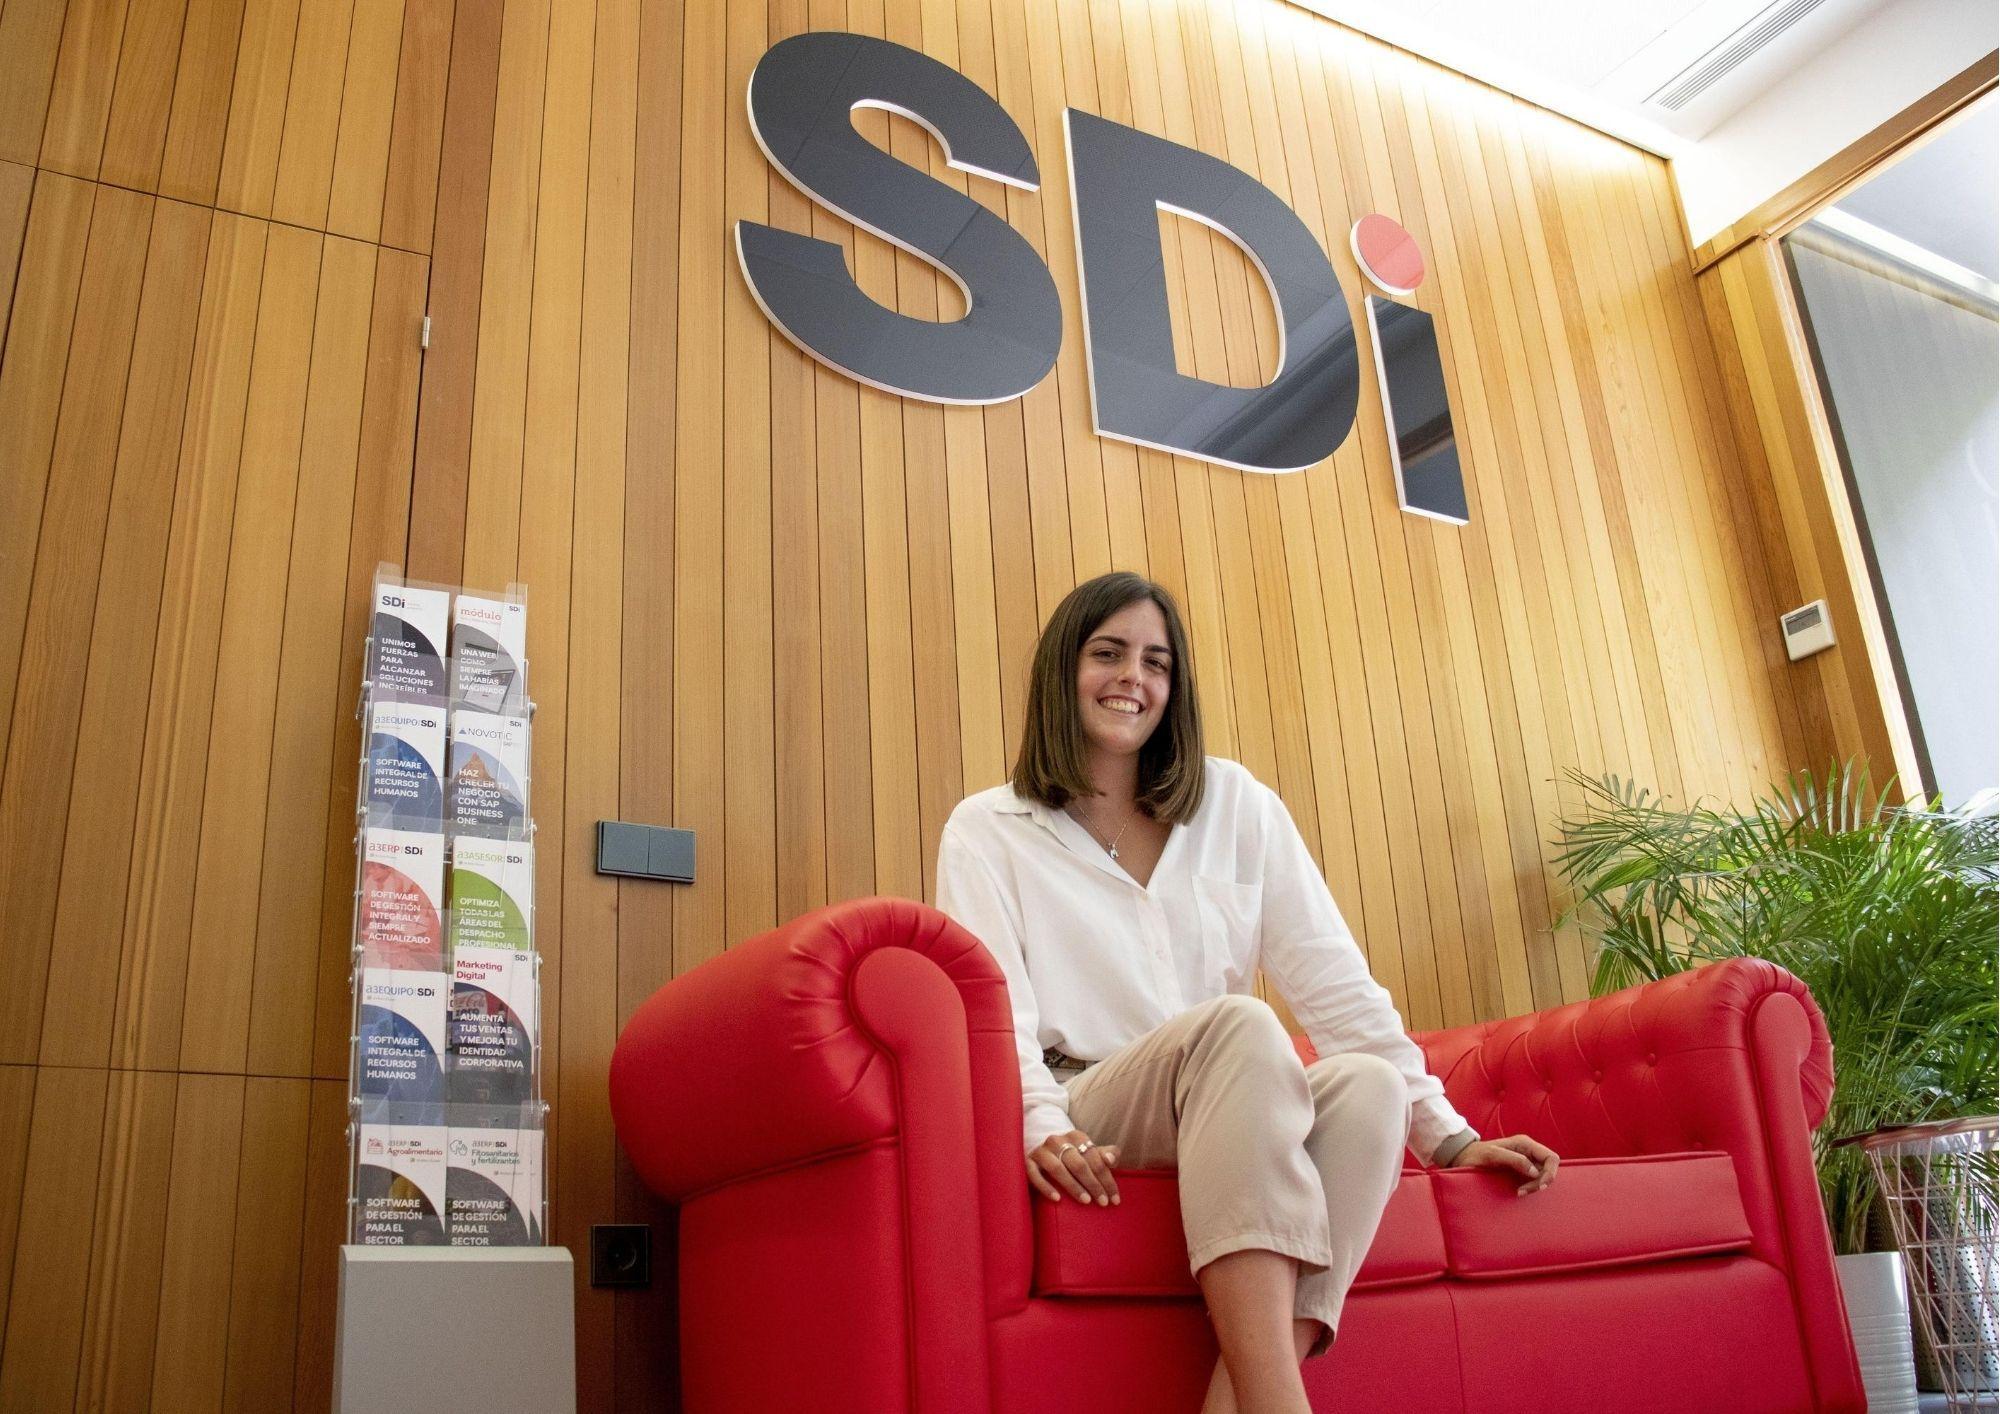 Marina Blanco Iglesias- Ingeniería informática Universidad de La Rioja 2016-2020